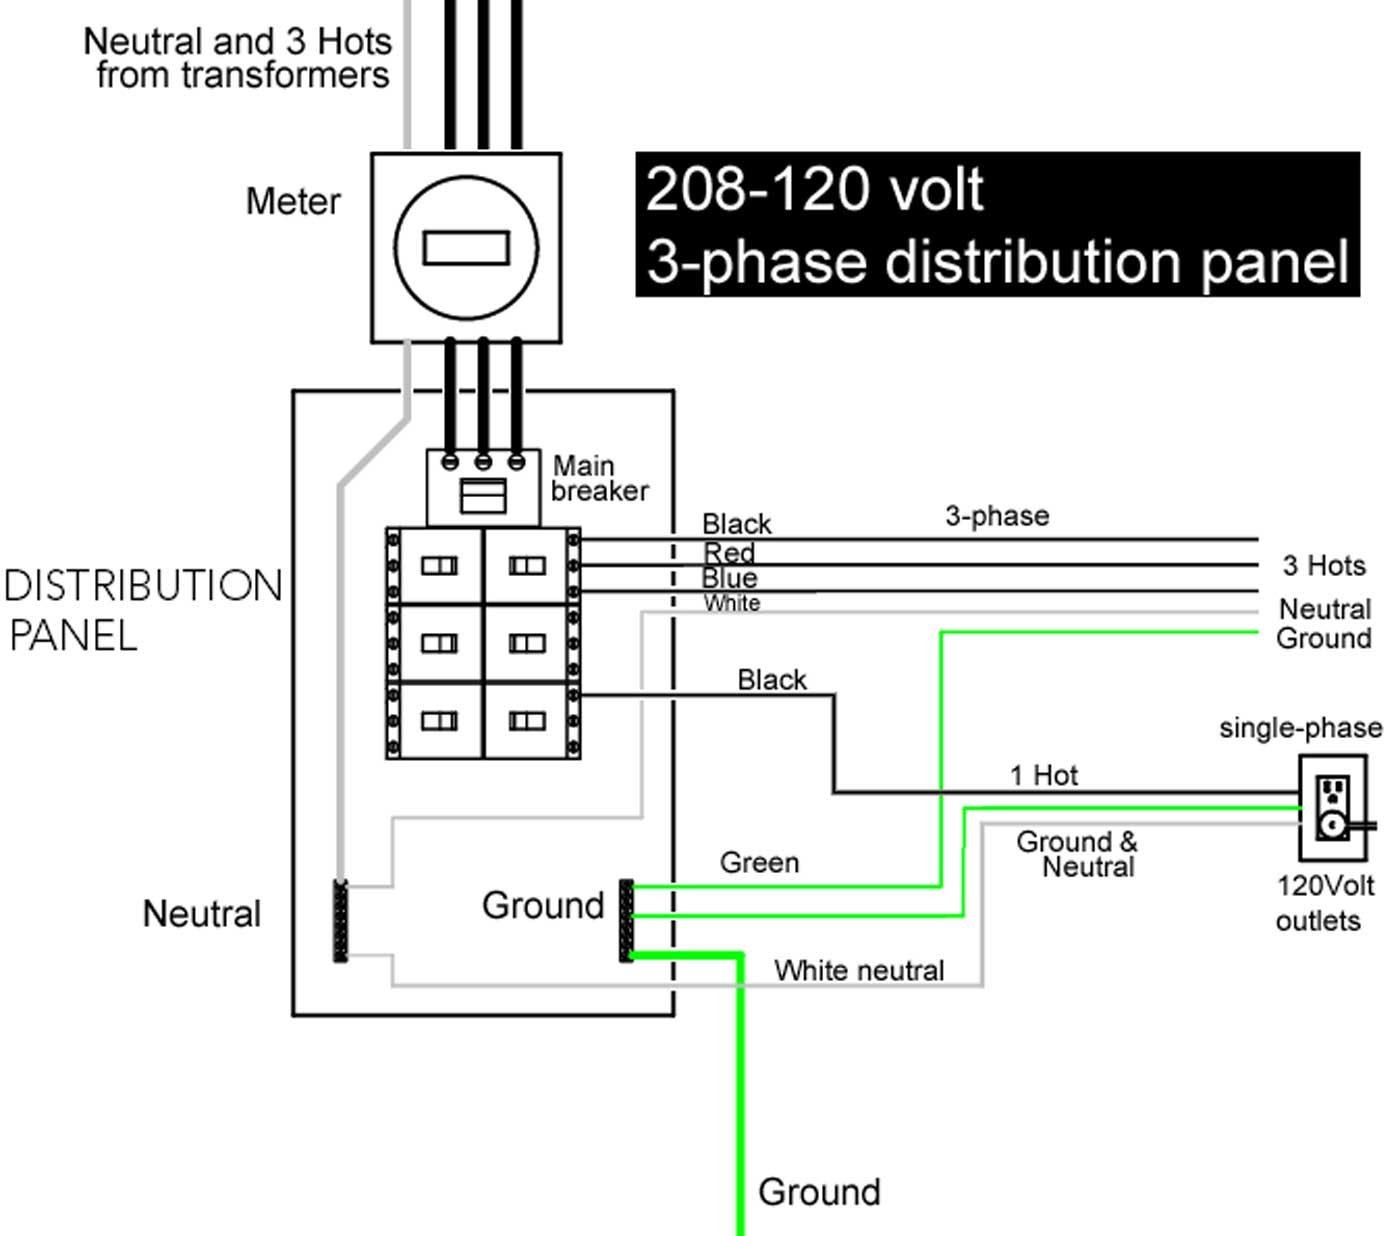 480v 3 phase motor wiring diagram led tail lights 277 480 diagram480 volt lighting diagramlighting panels